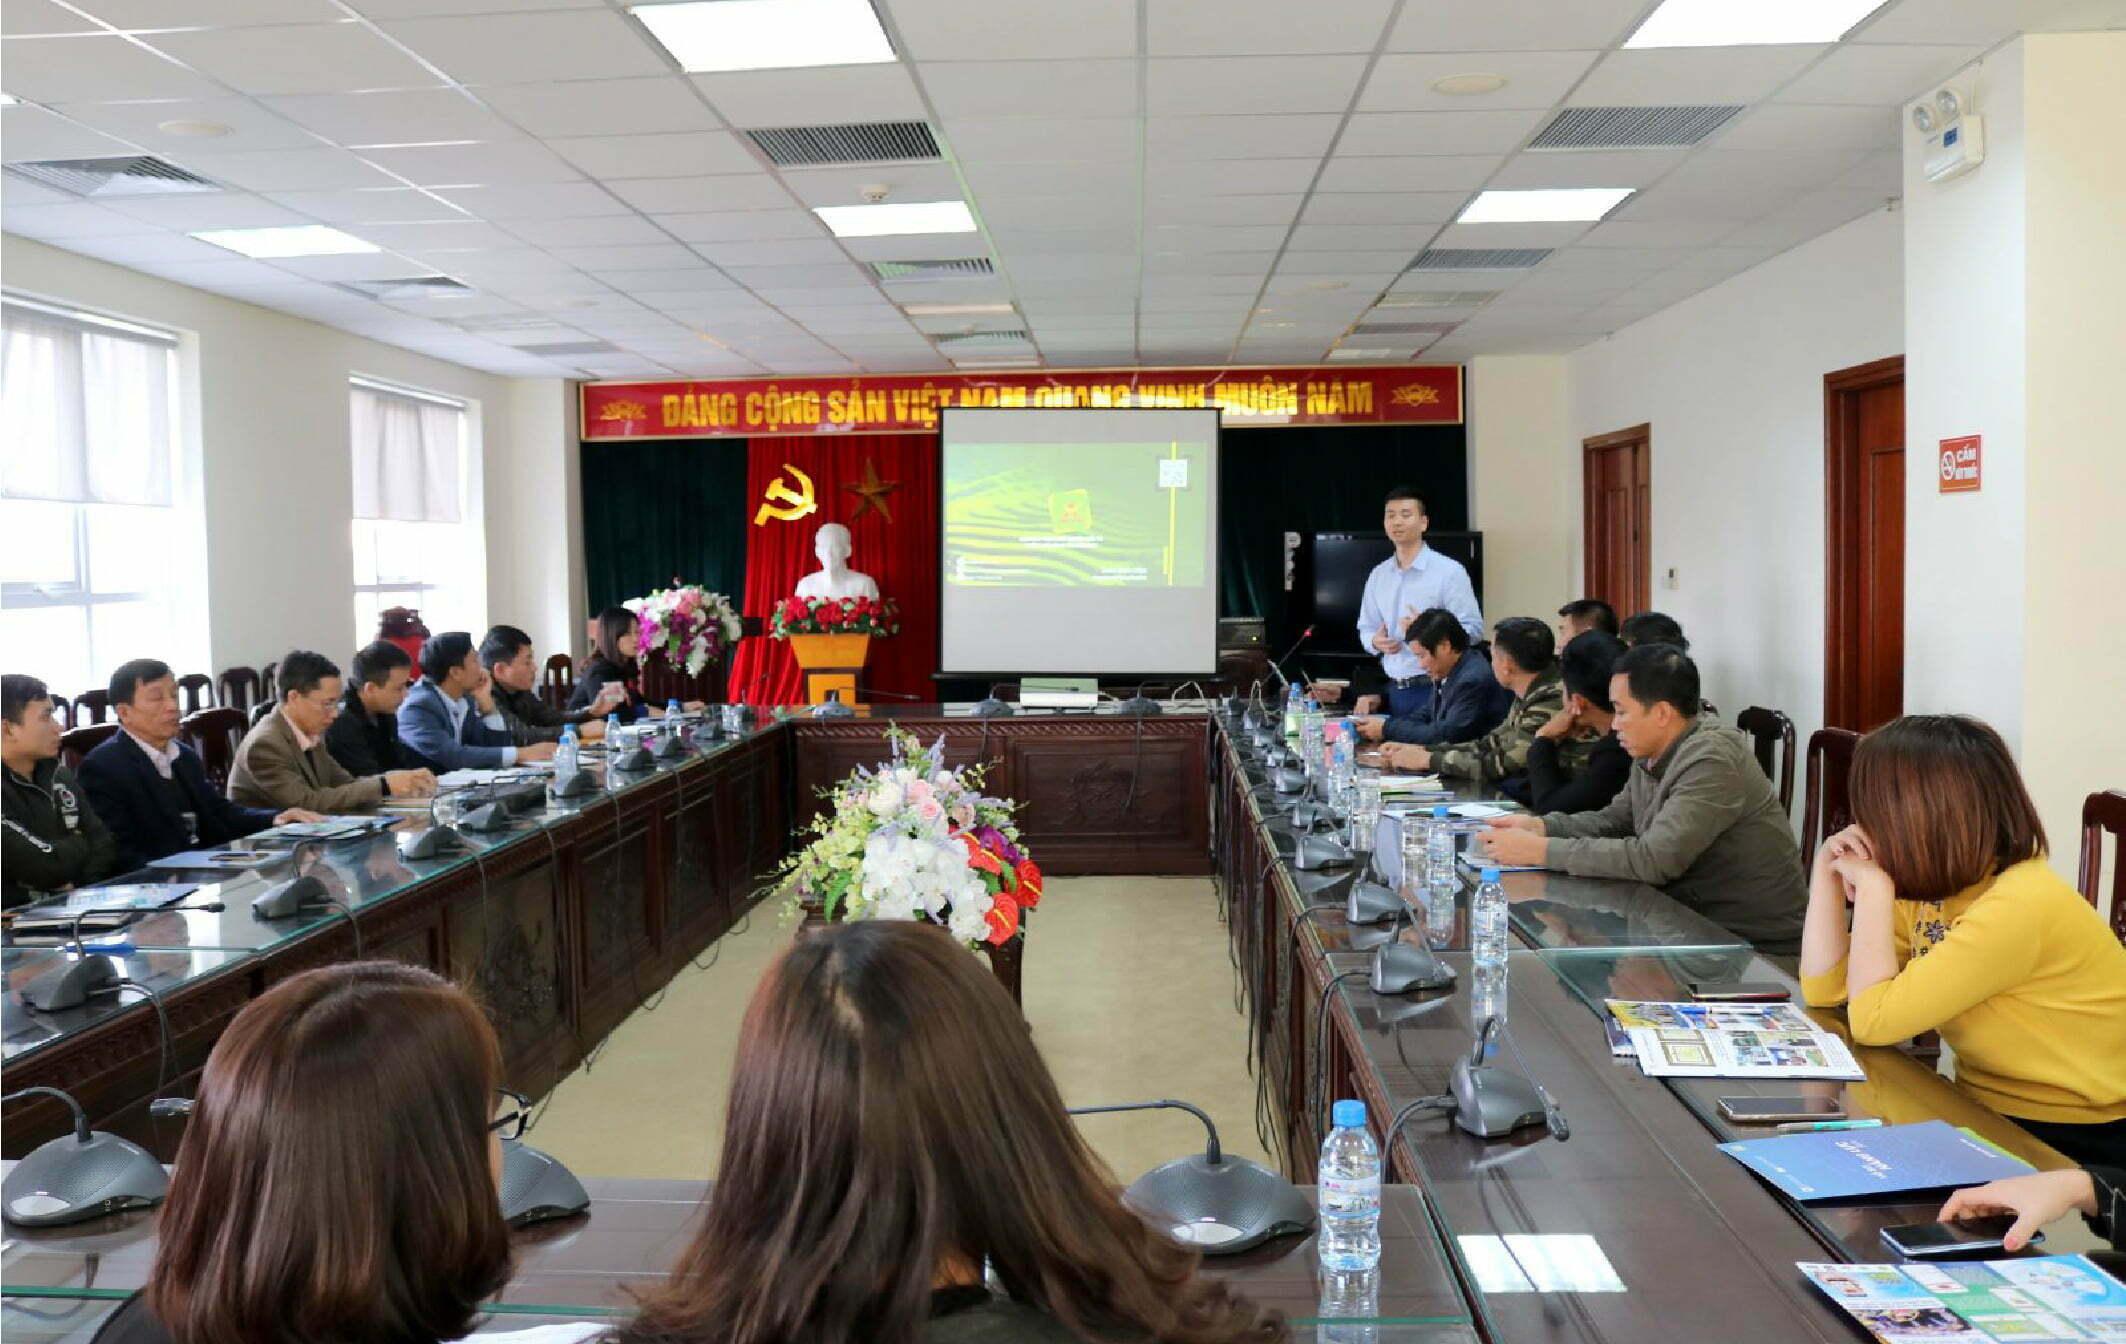 lãnh đạo checkvn tham dự hội thảo